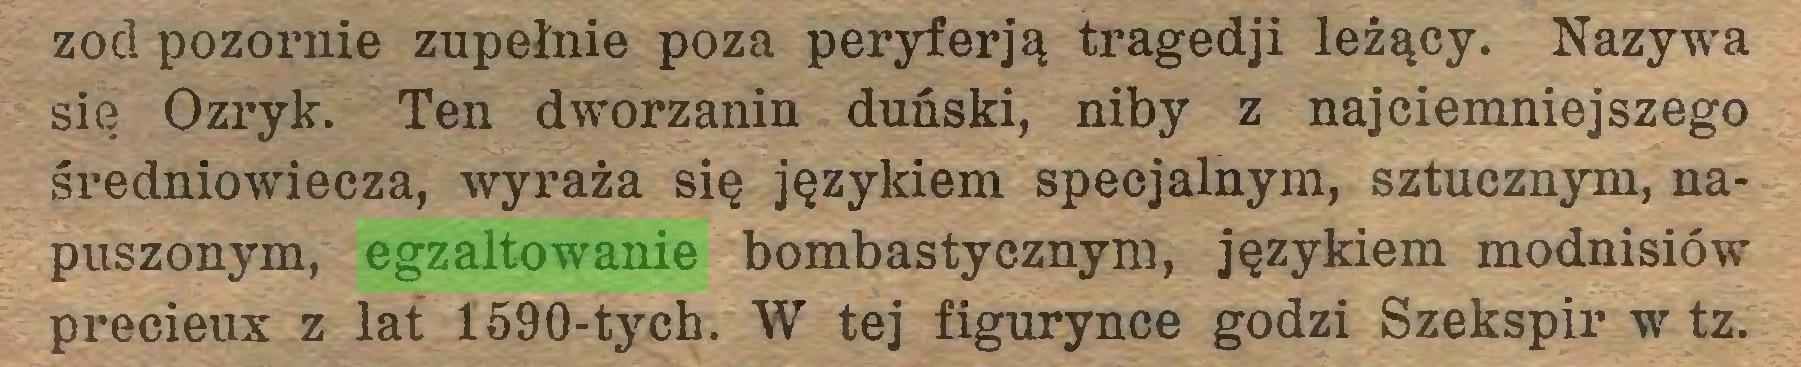 (...) zod pozornie zupełnie poza peryferją tragedji leżący. Nazywa się Ozryk. Ten dworzanin duński, niby z najciemniejszego średniowiecza, wyraża się językiem specjalnym, sztucznym, napuszonym, egzaltowanie bombastycznym, językiem modnisiów précieux z lat 1590-tych. W tej figurynce godzi Szekspir w tz...